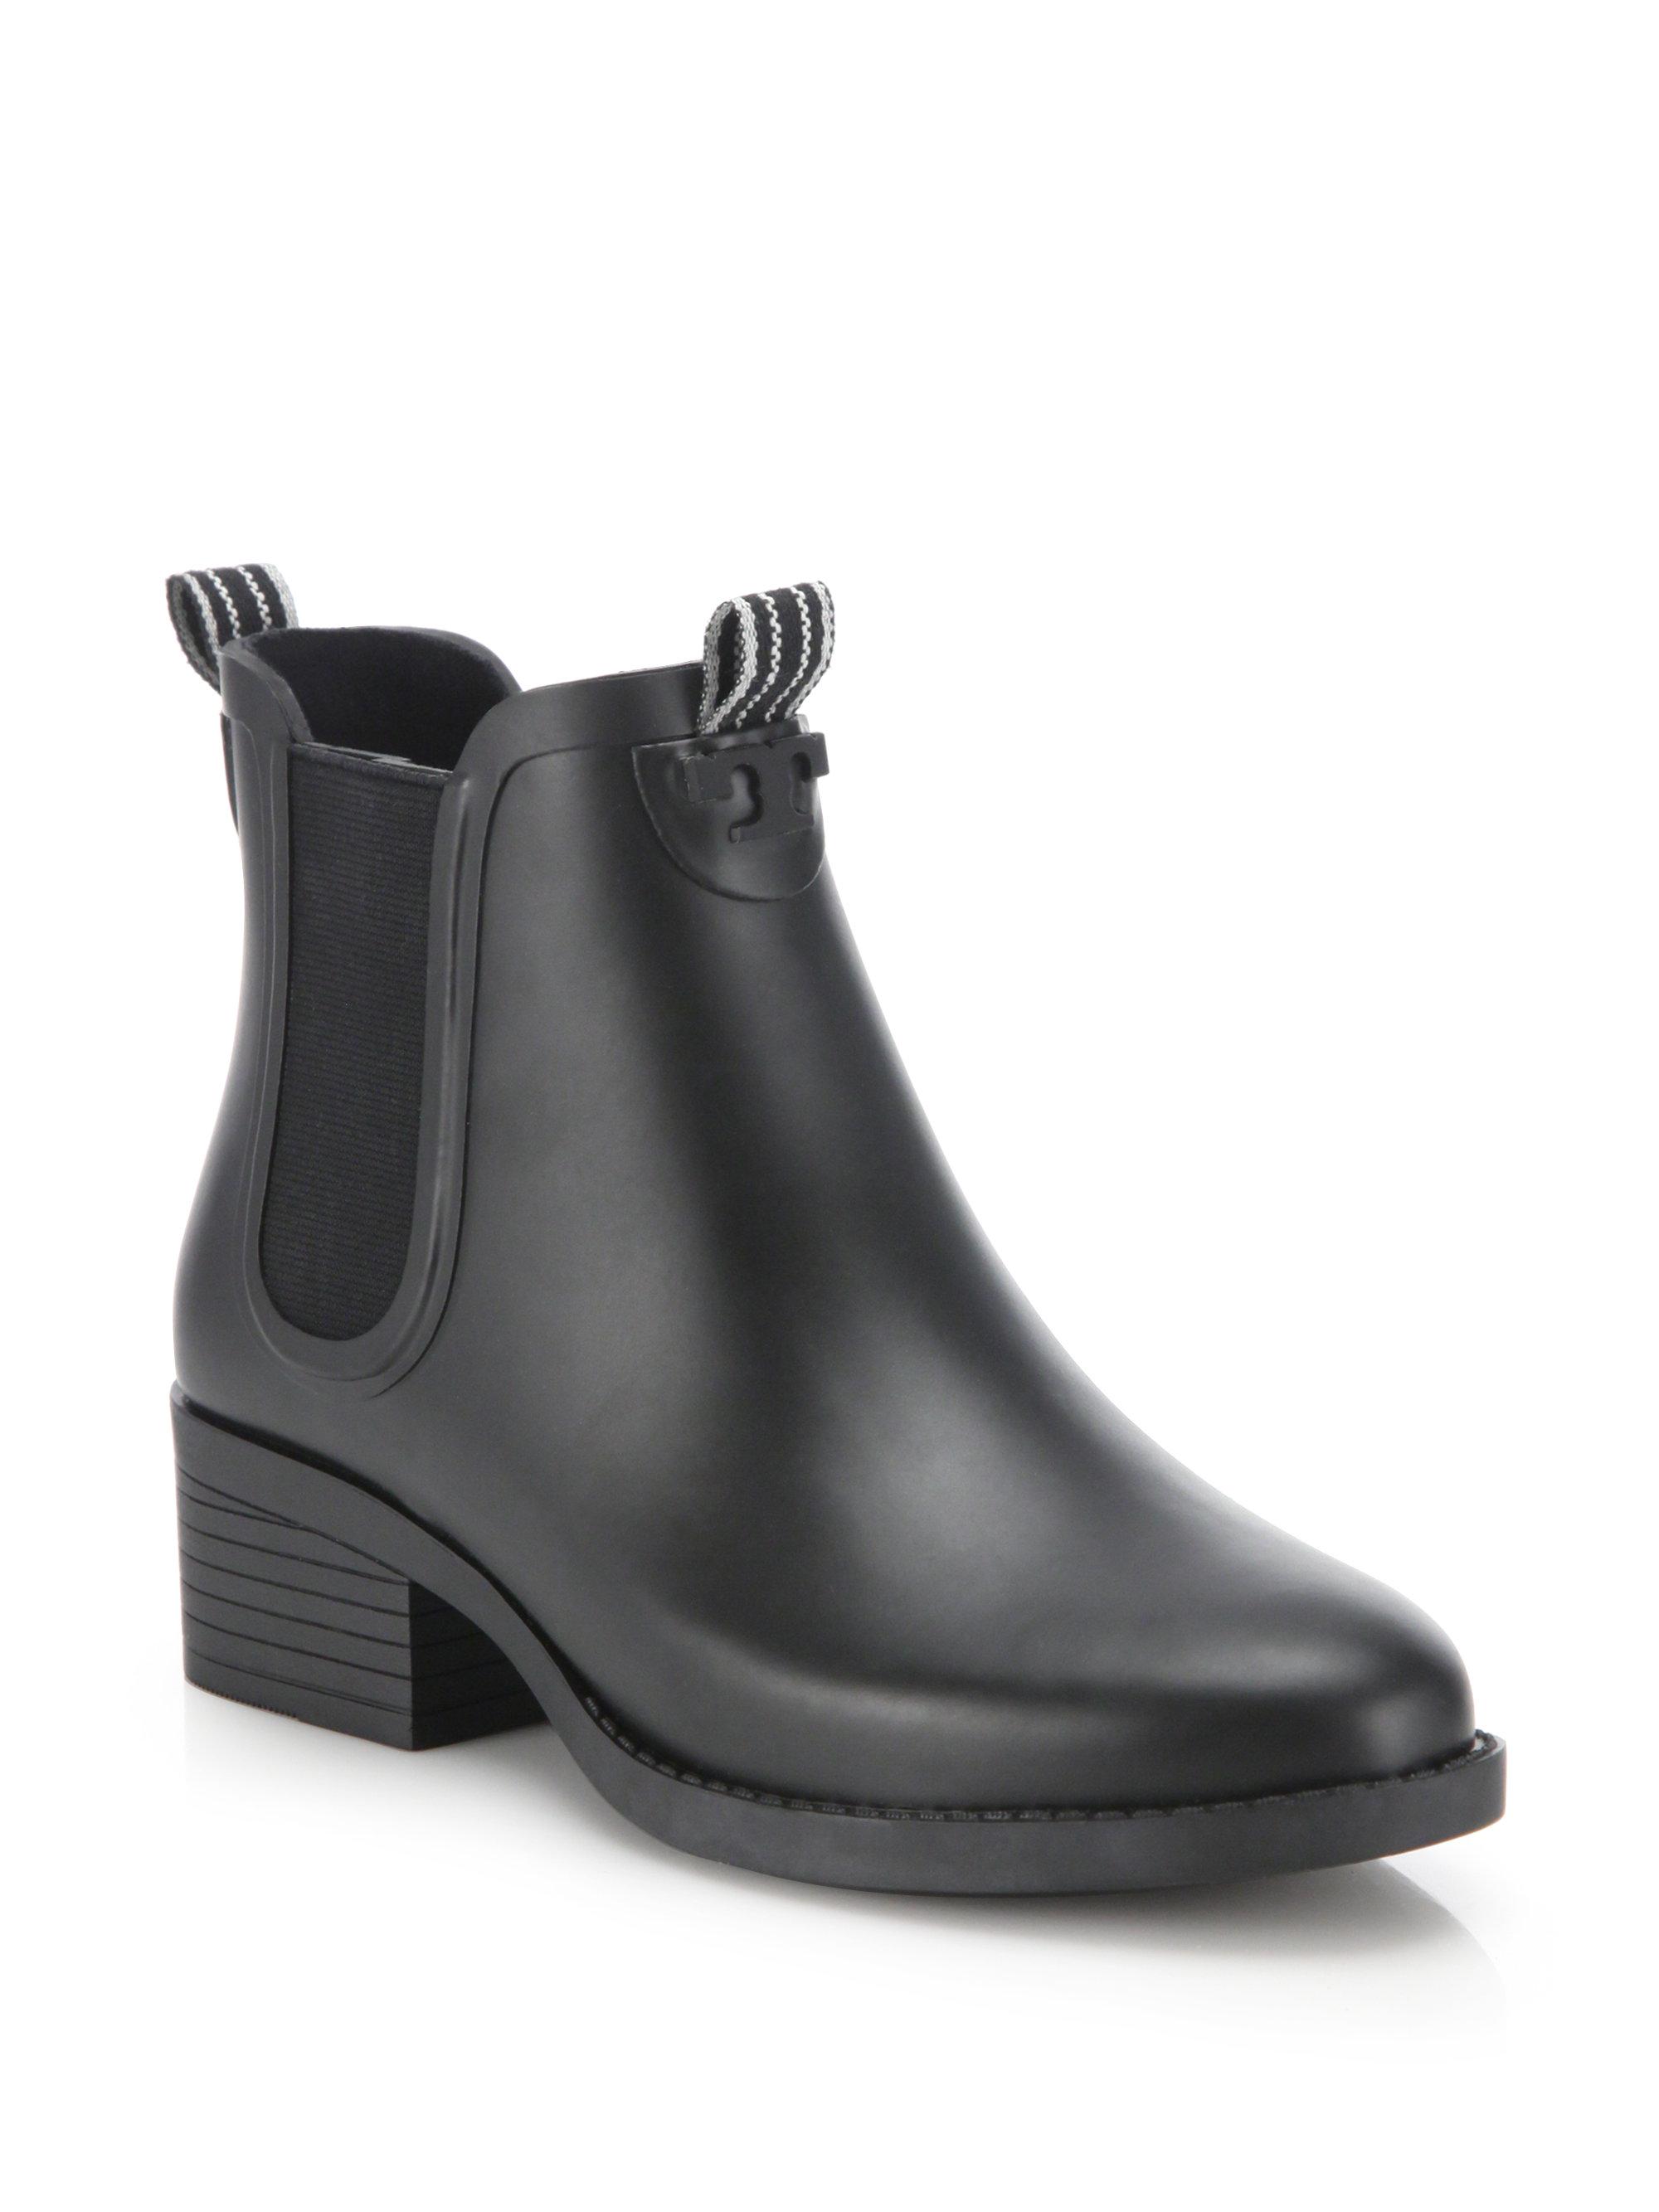 5993d177a49 Lyst - Tory Burch Classic Rain Bootie in Black